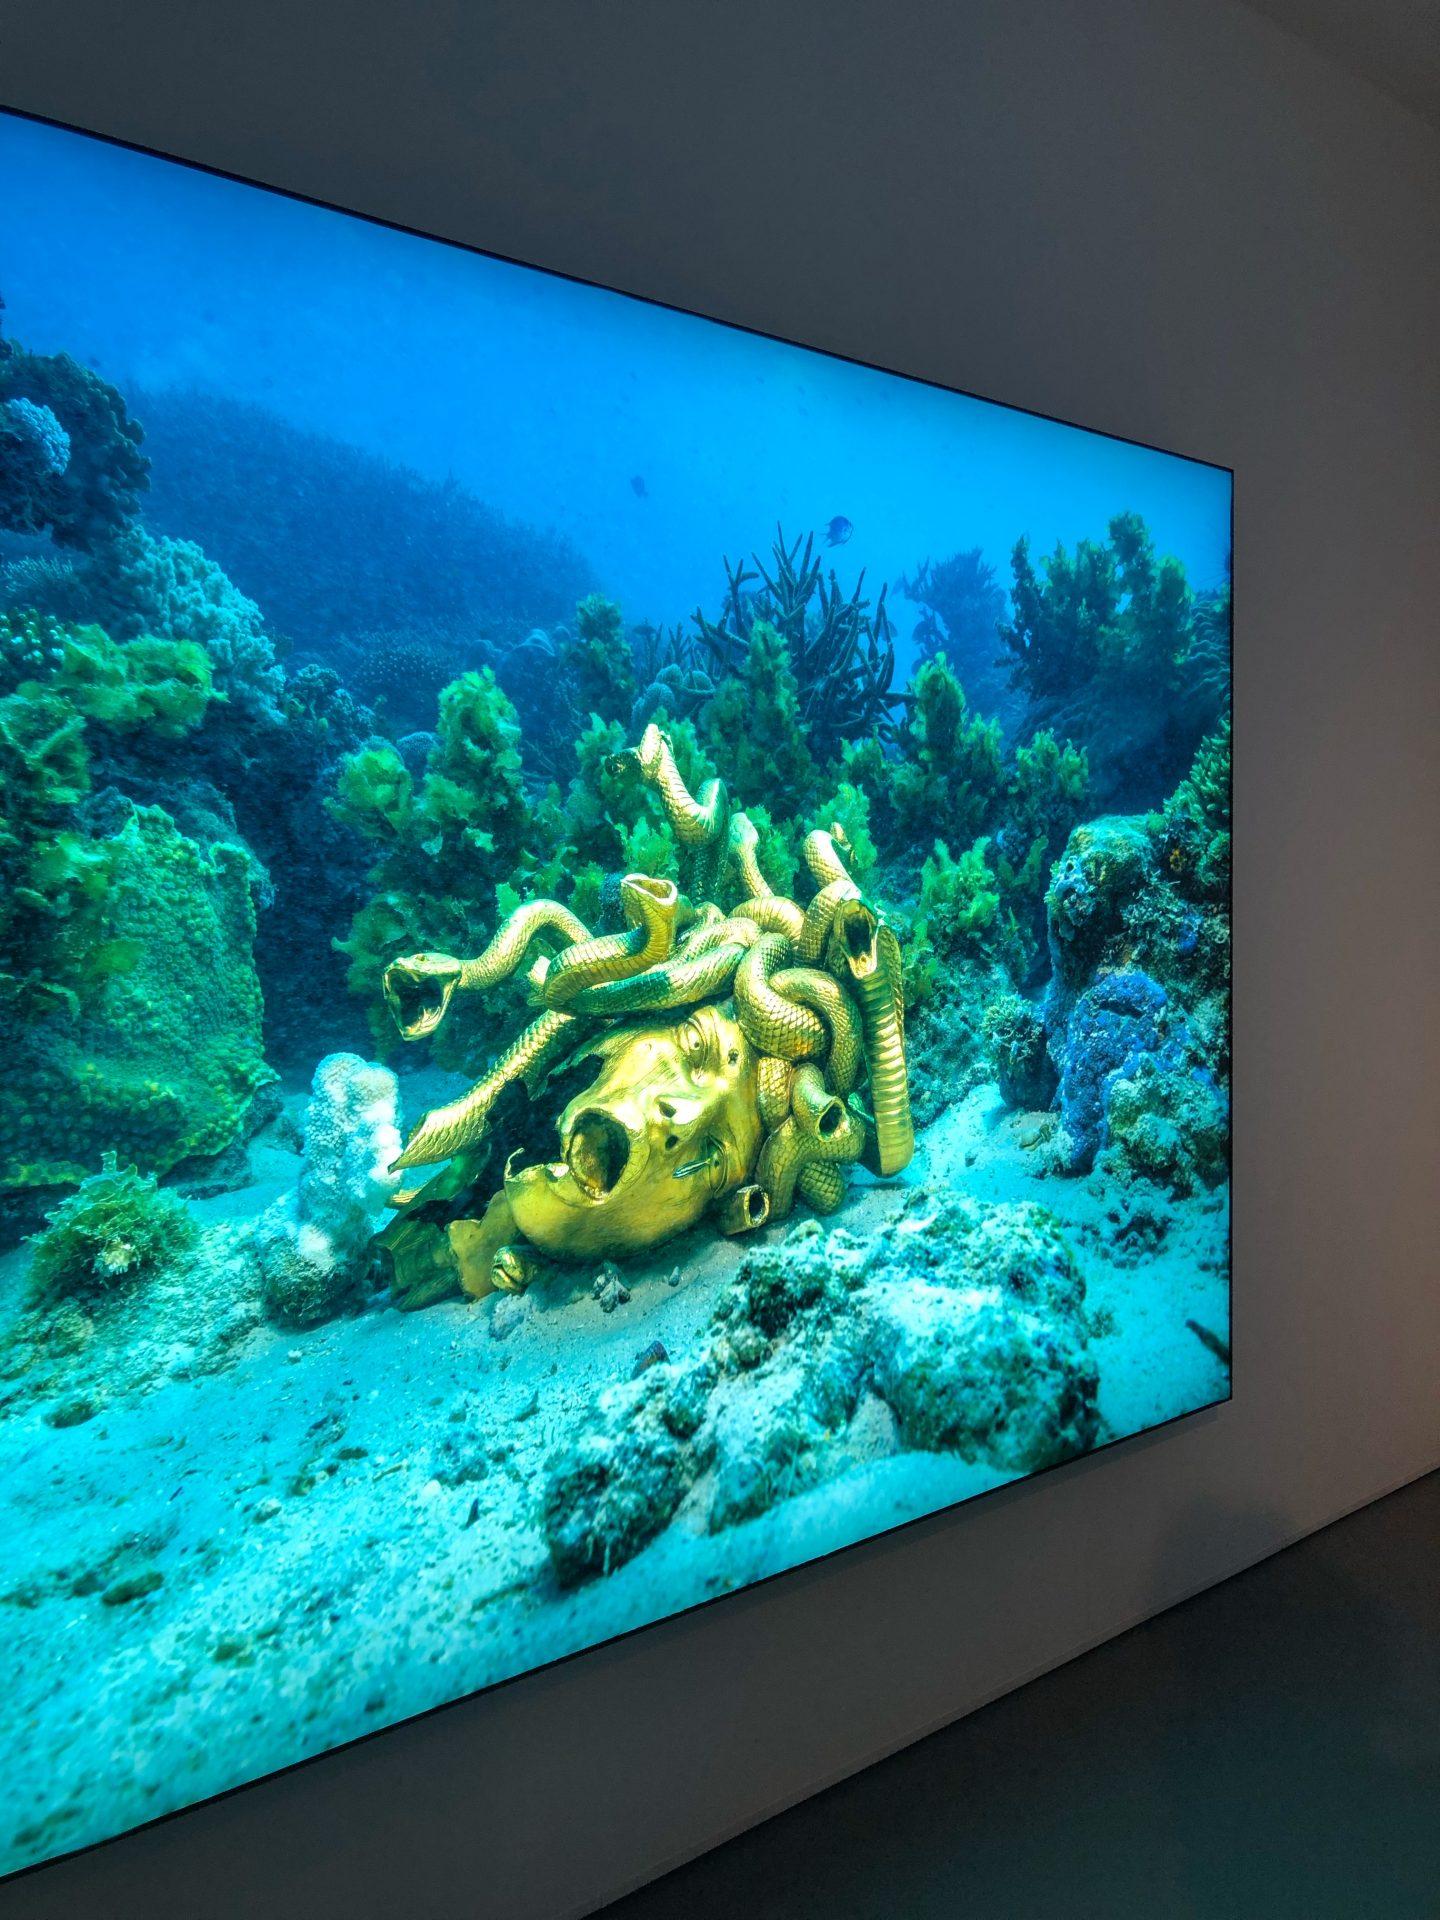 מוזיאון חיפה לאמנות תערוכה פייק ניוז אוצרות הספינה הטרופה שלא תיאמן דמיאן הירסט2